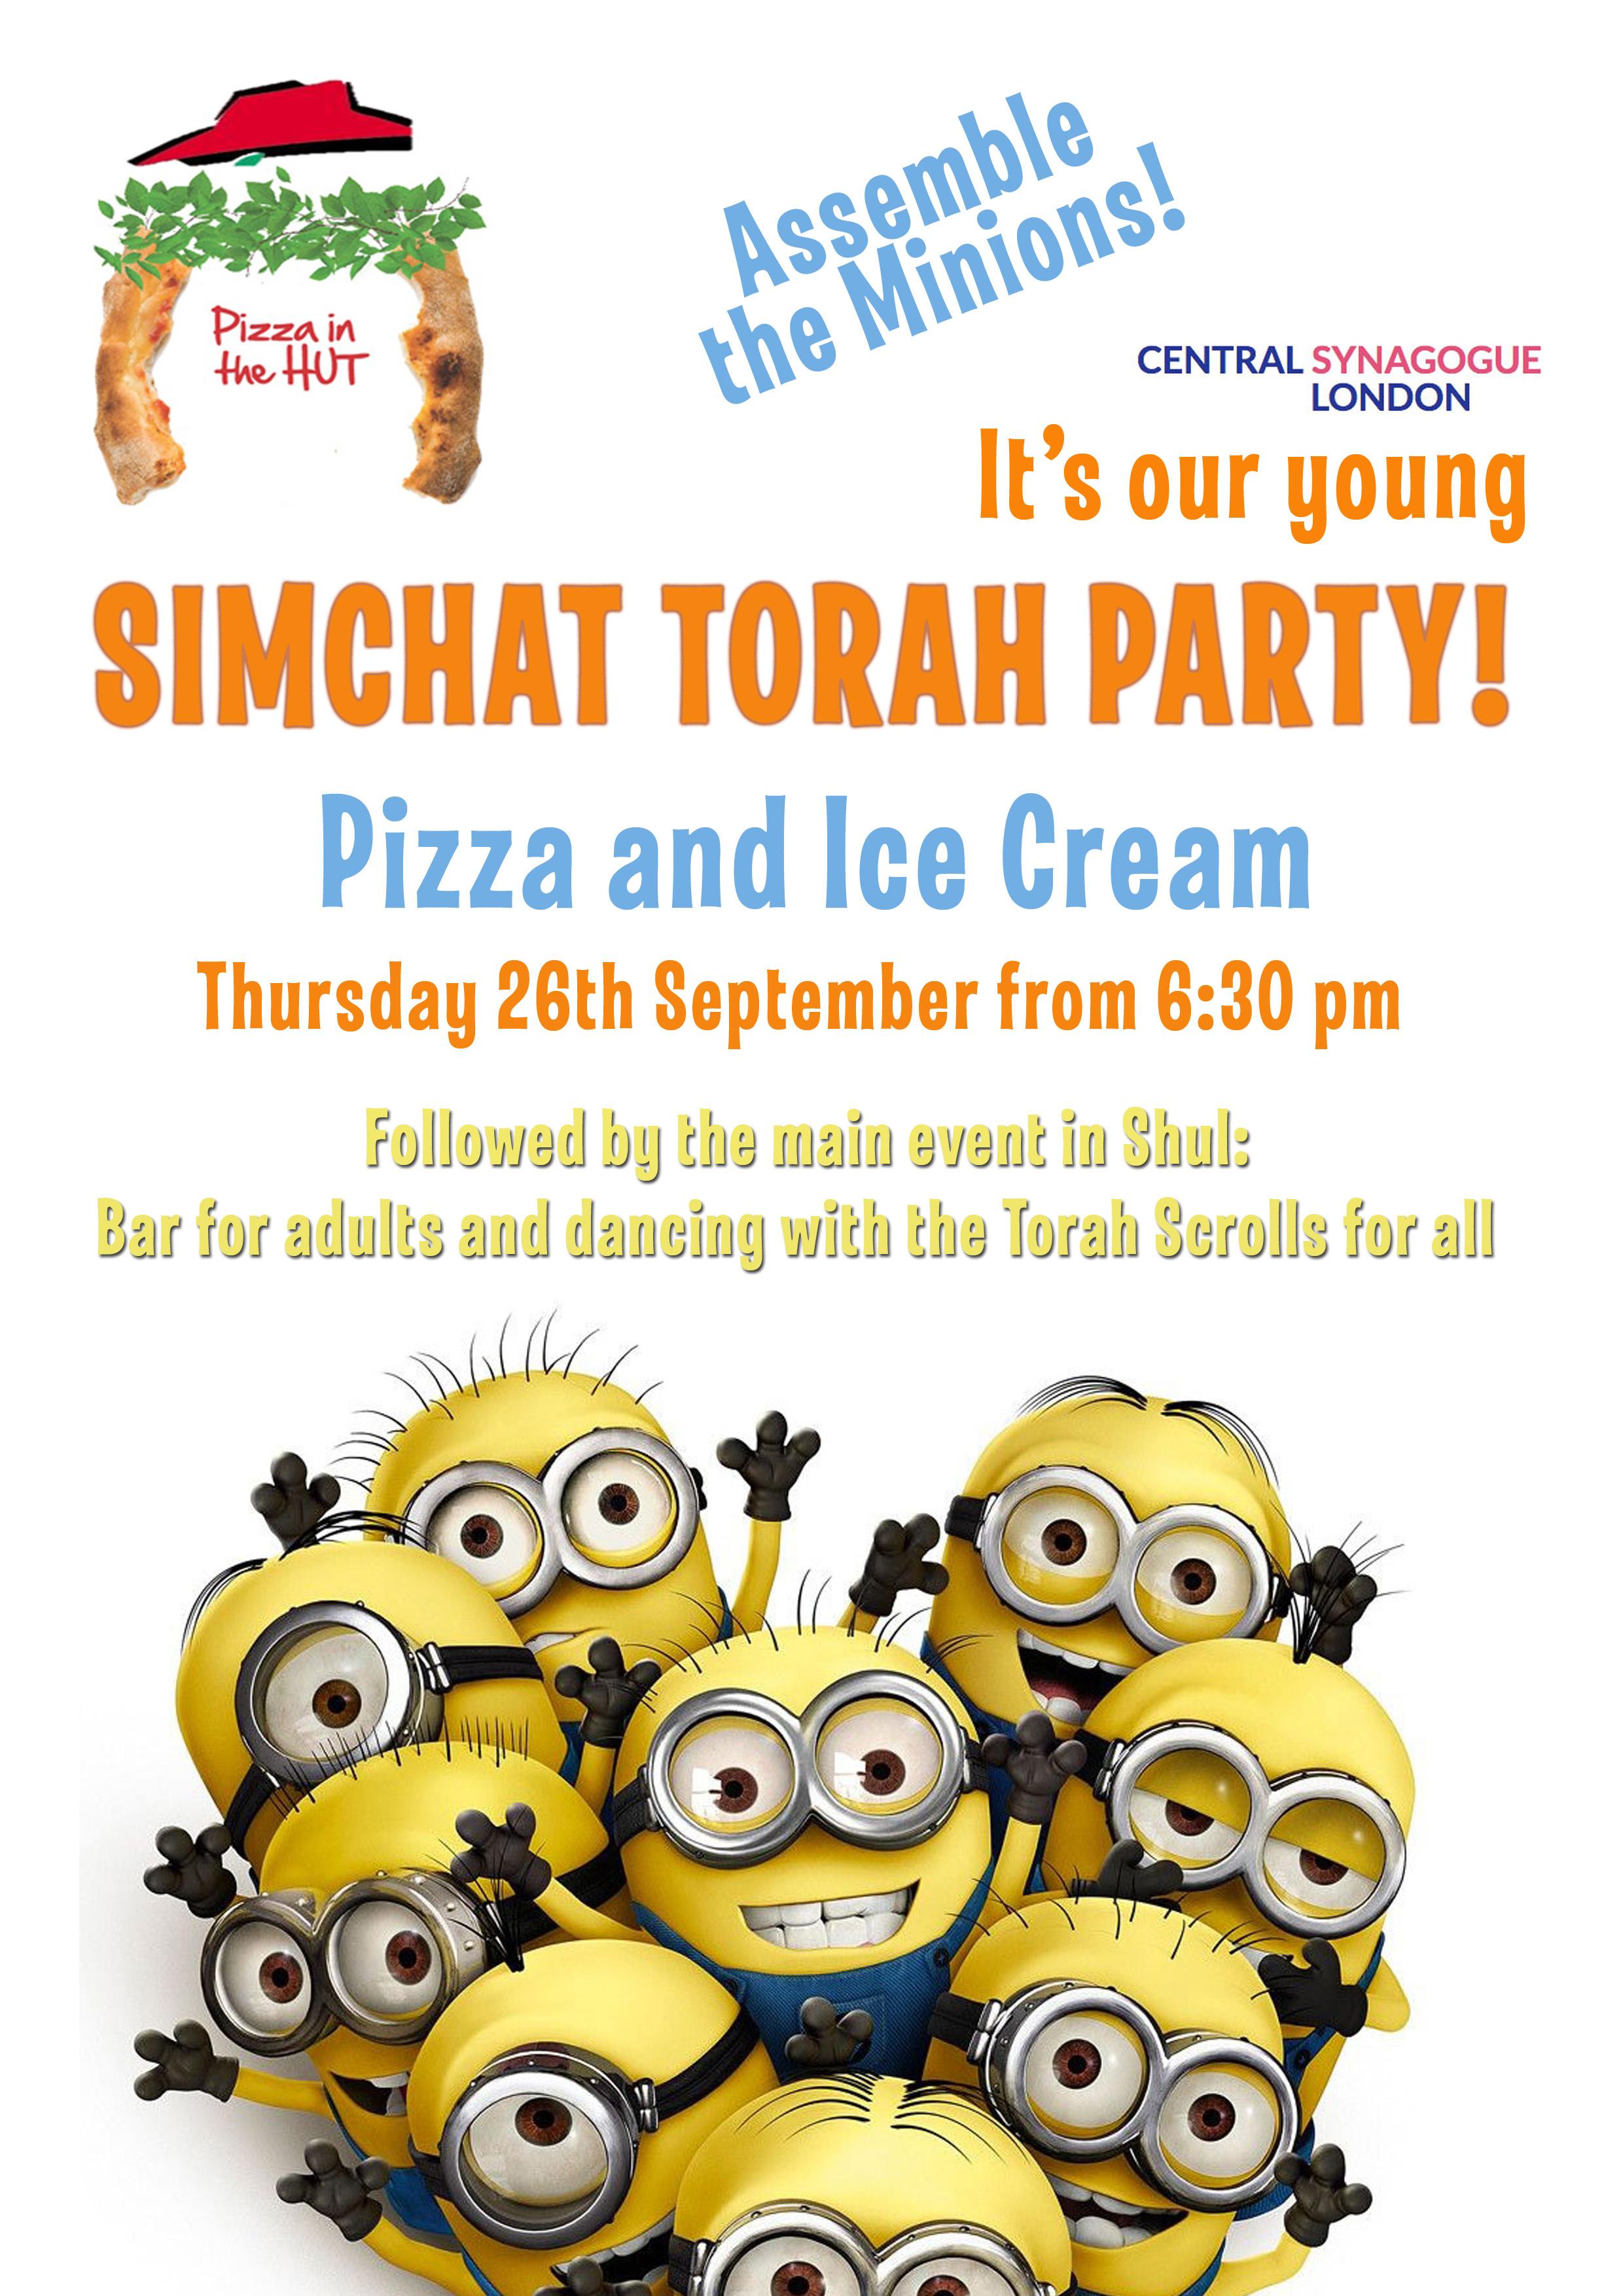 Simchat Torah Despicable Pizza party copy